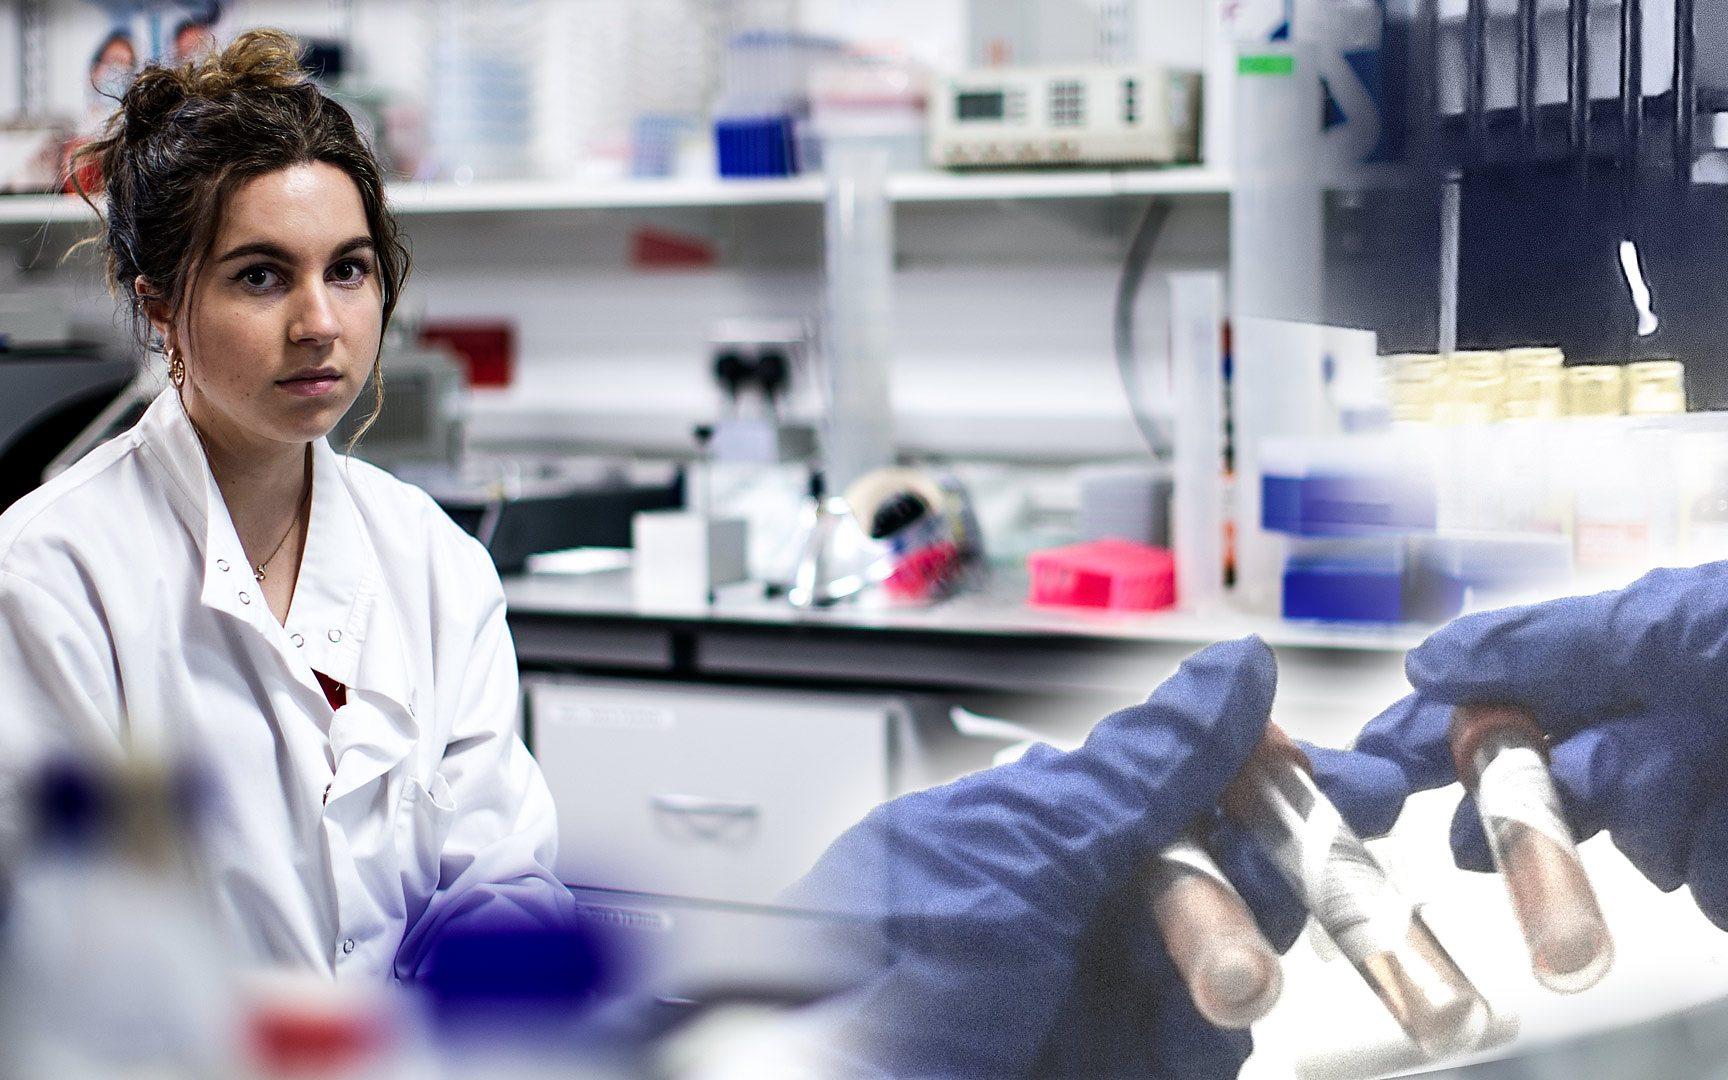 纪录片.BBC.暗访:揭秘英国新冠检测实验室.2021[高清][英字]